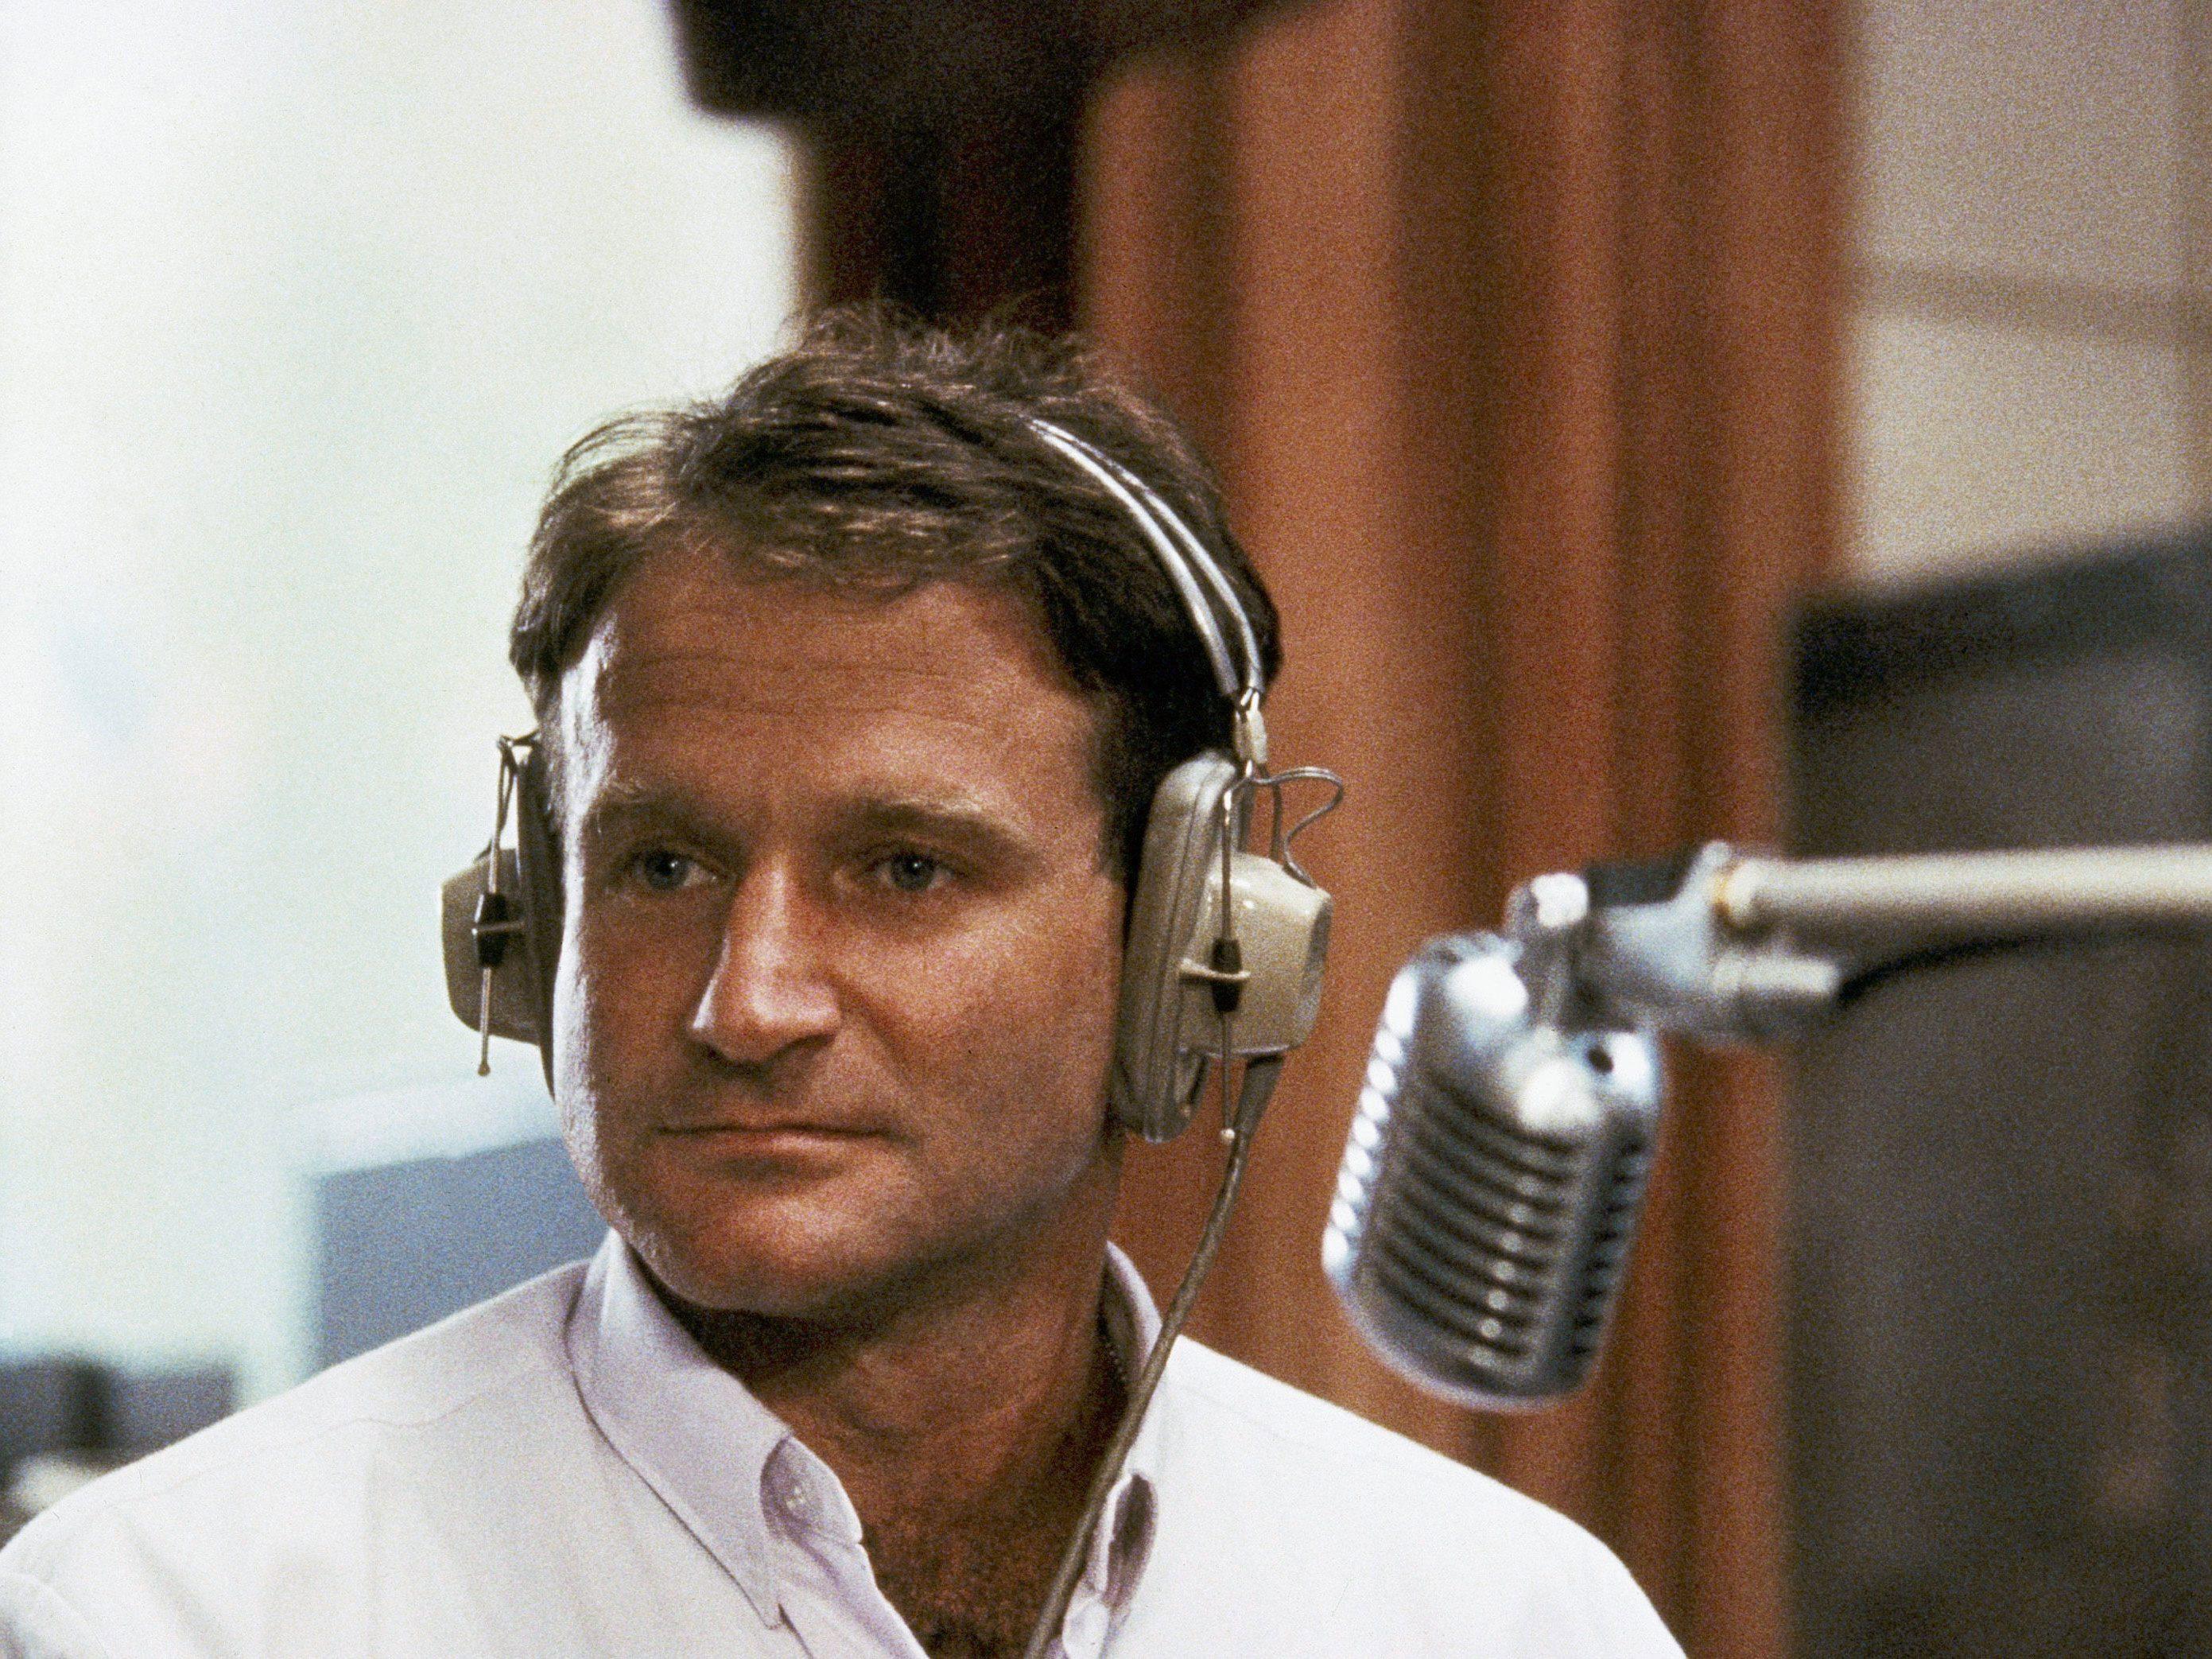 Sélection se souvient: entretien avec Robin Williams